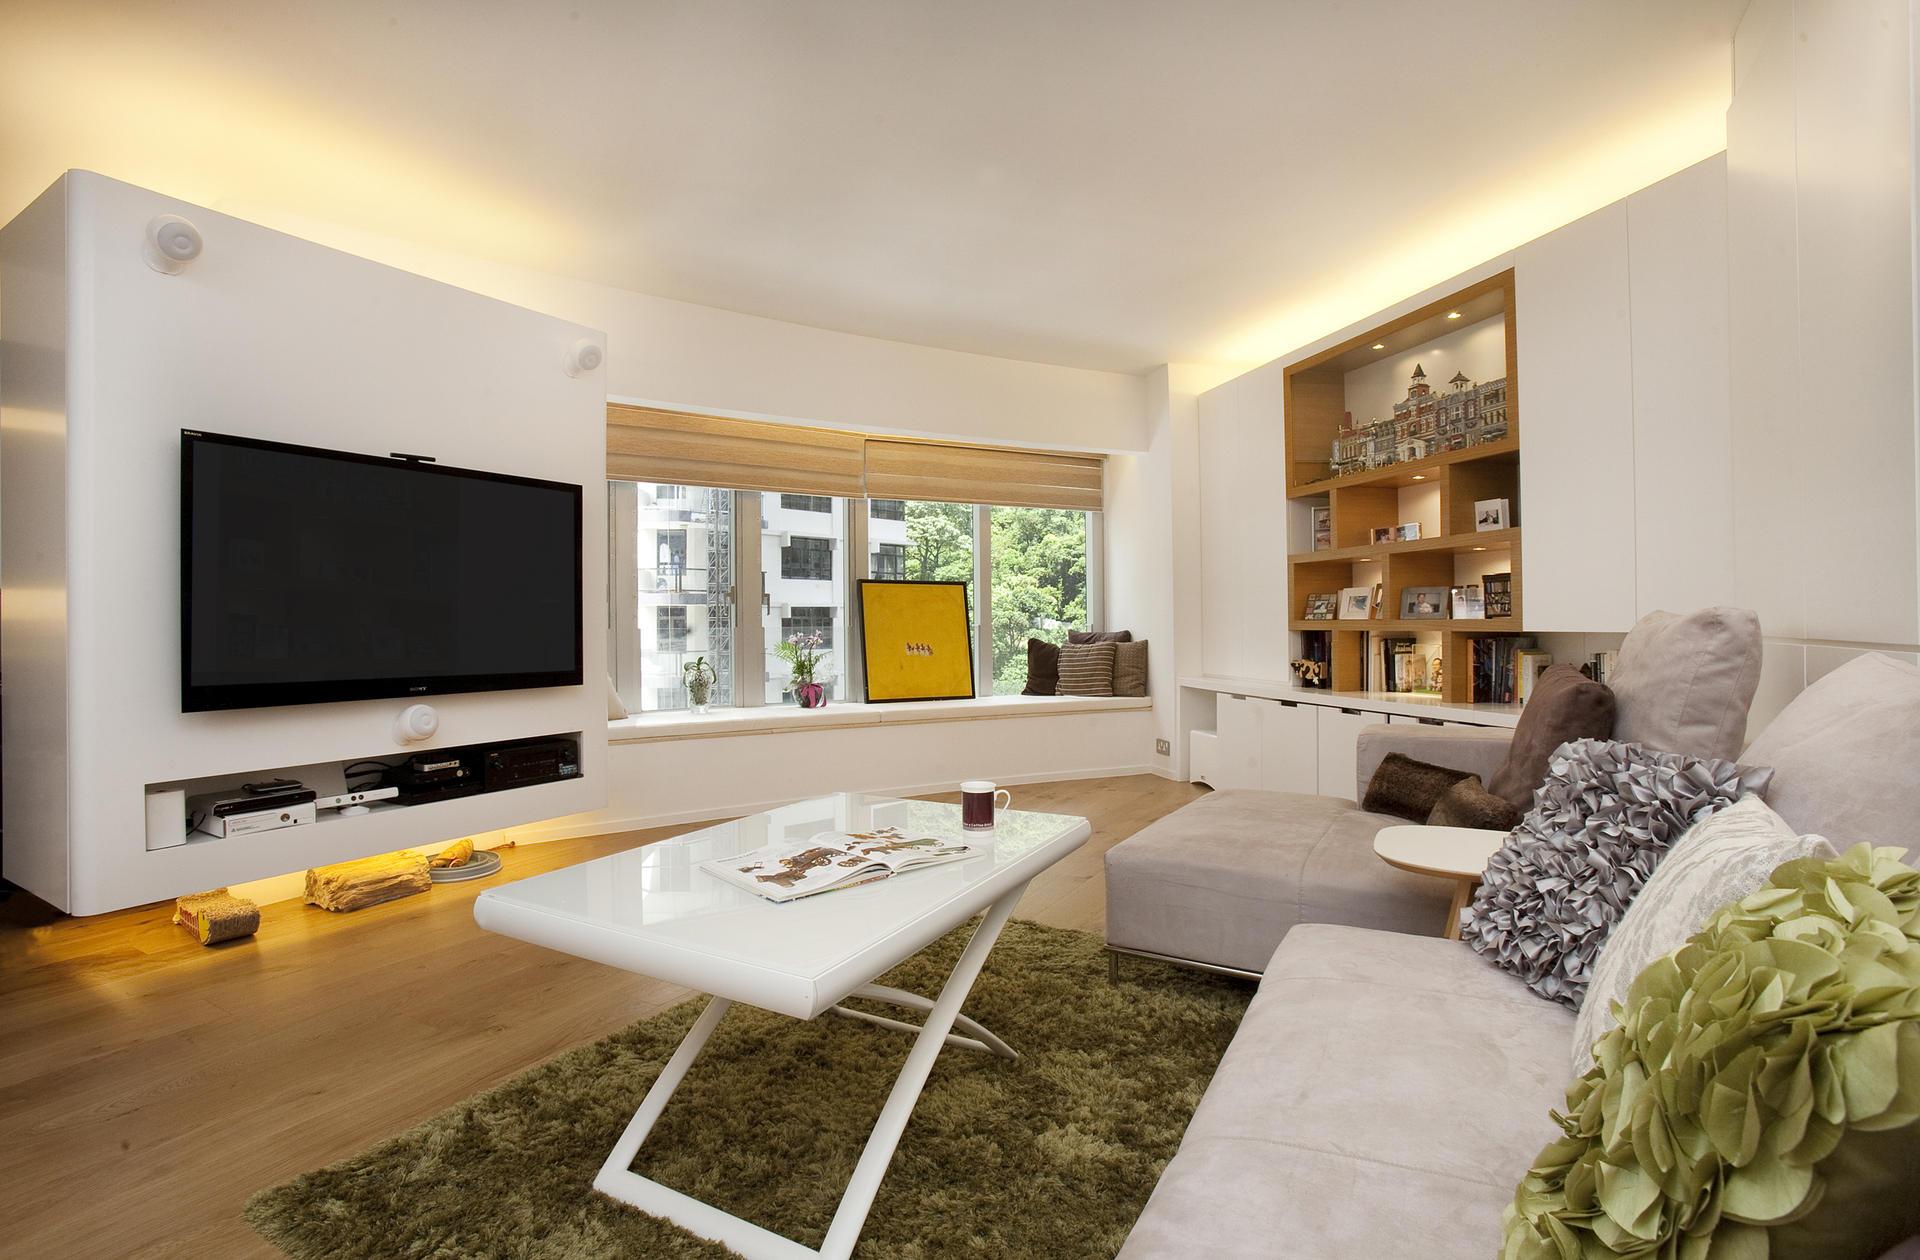 Hong Kong Couples Loft inspired High rise Flat A Design